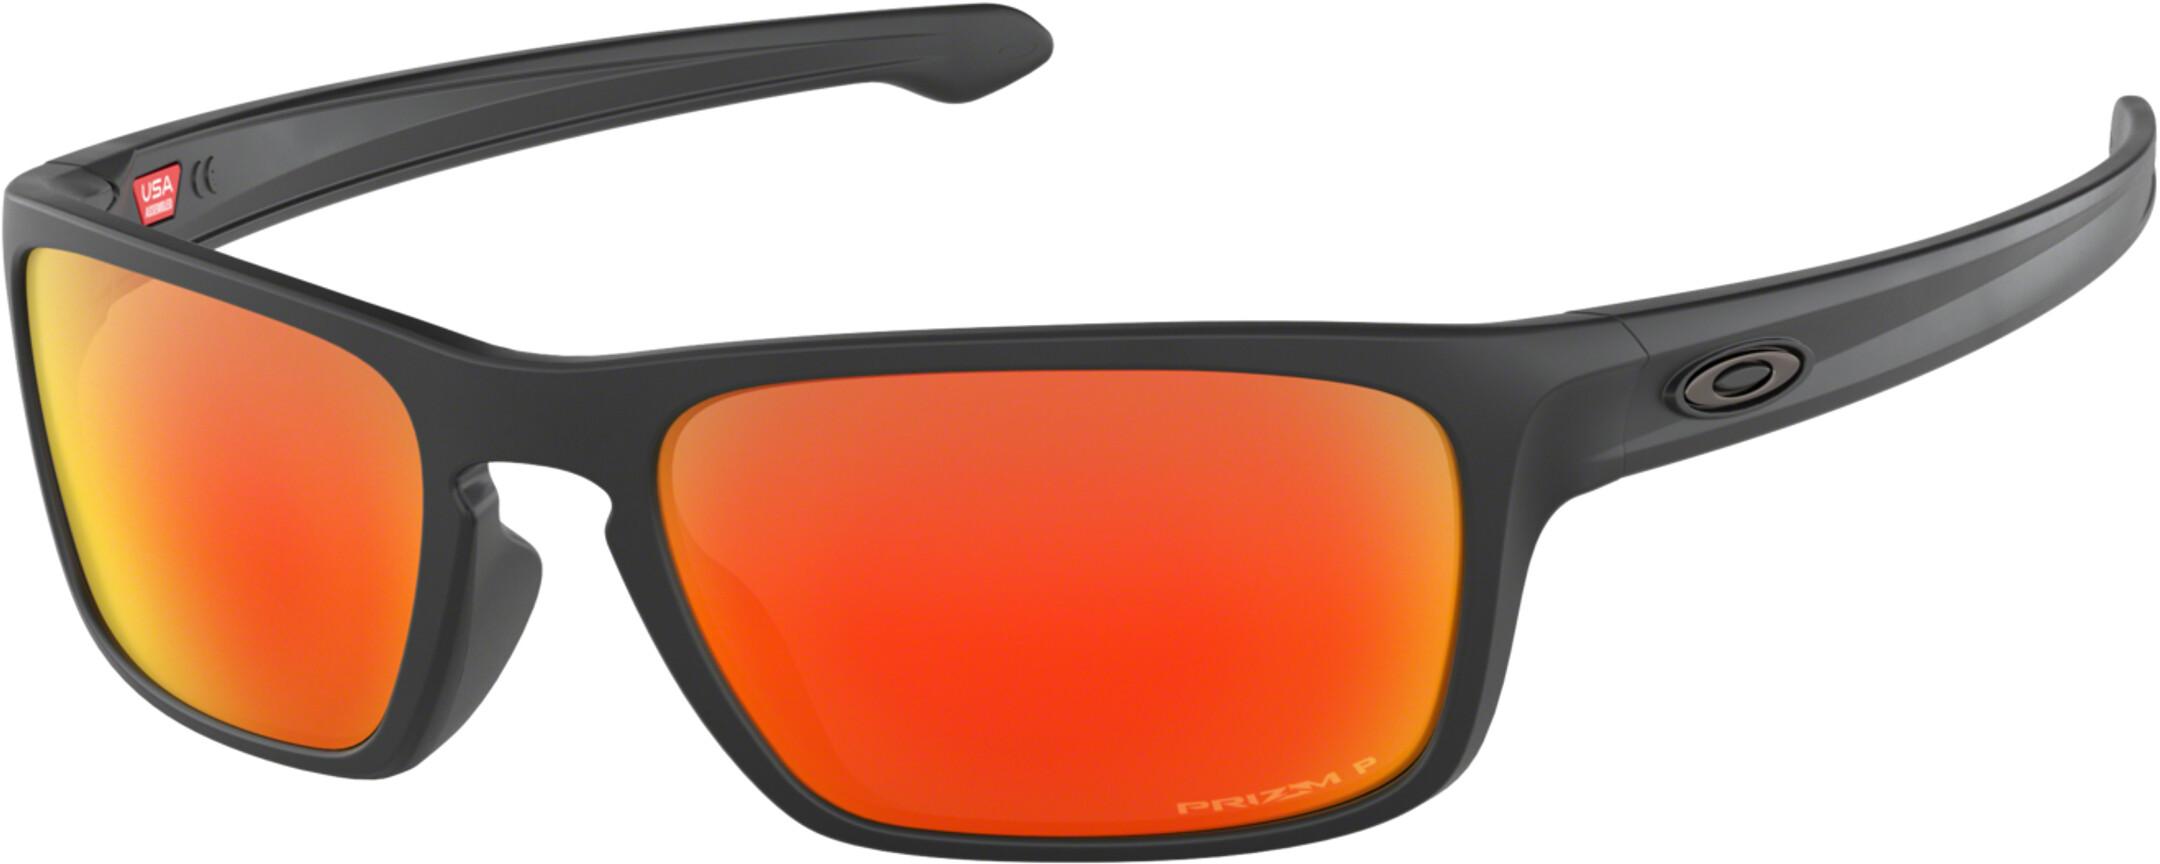 Oakley Sliver Stealth - Lunettes cyclisme - orange noir - Boutique ... 4b6eb1b16045